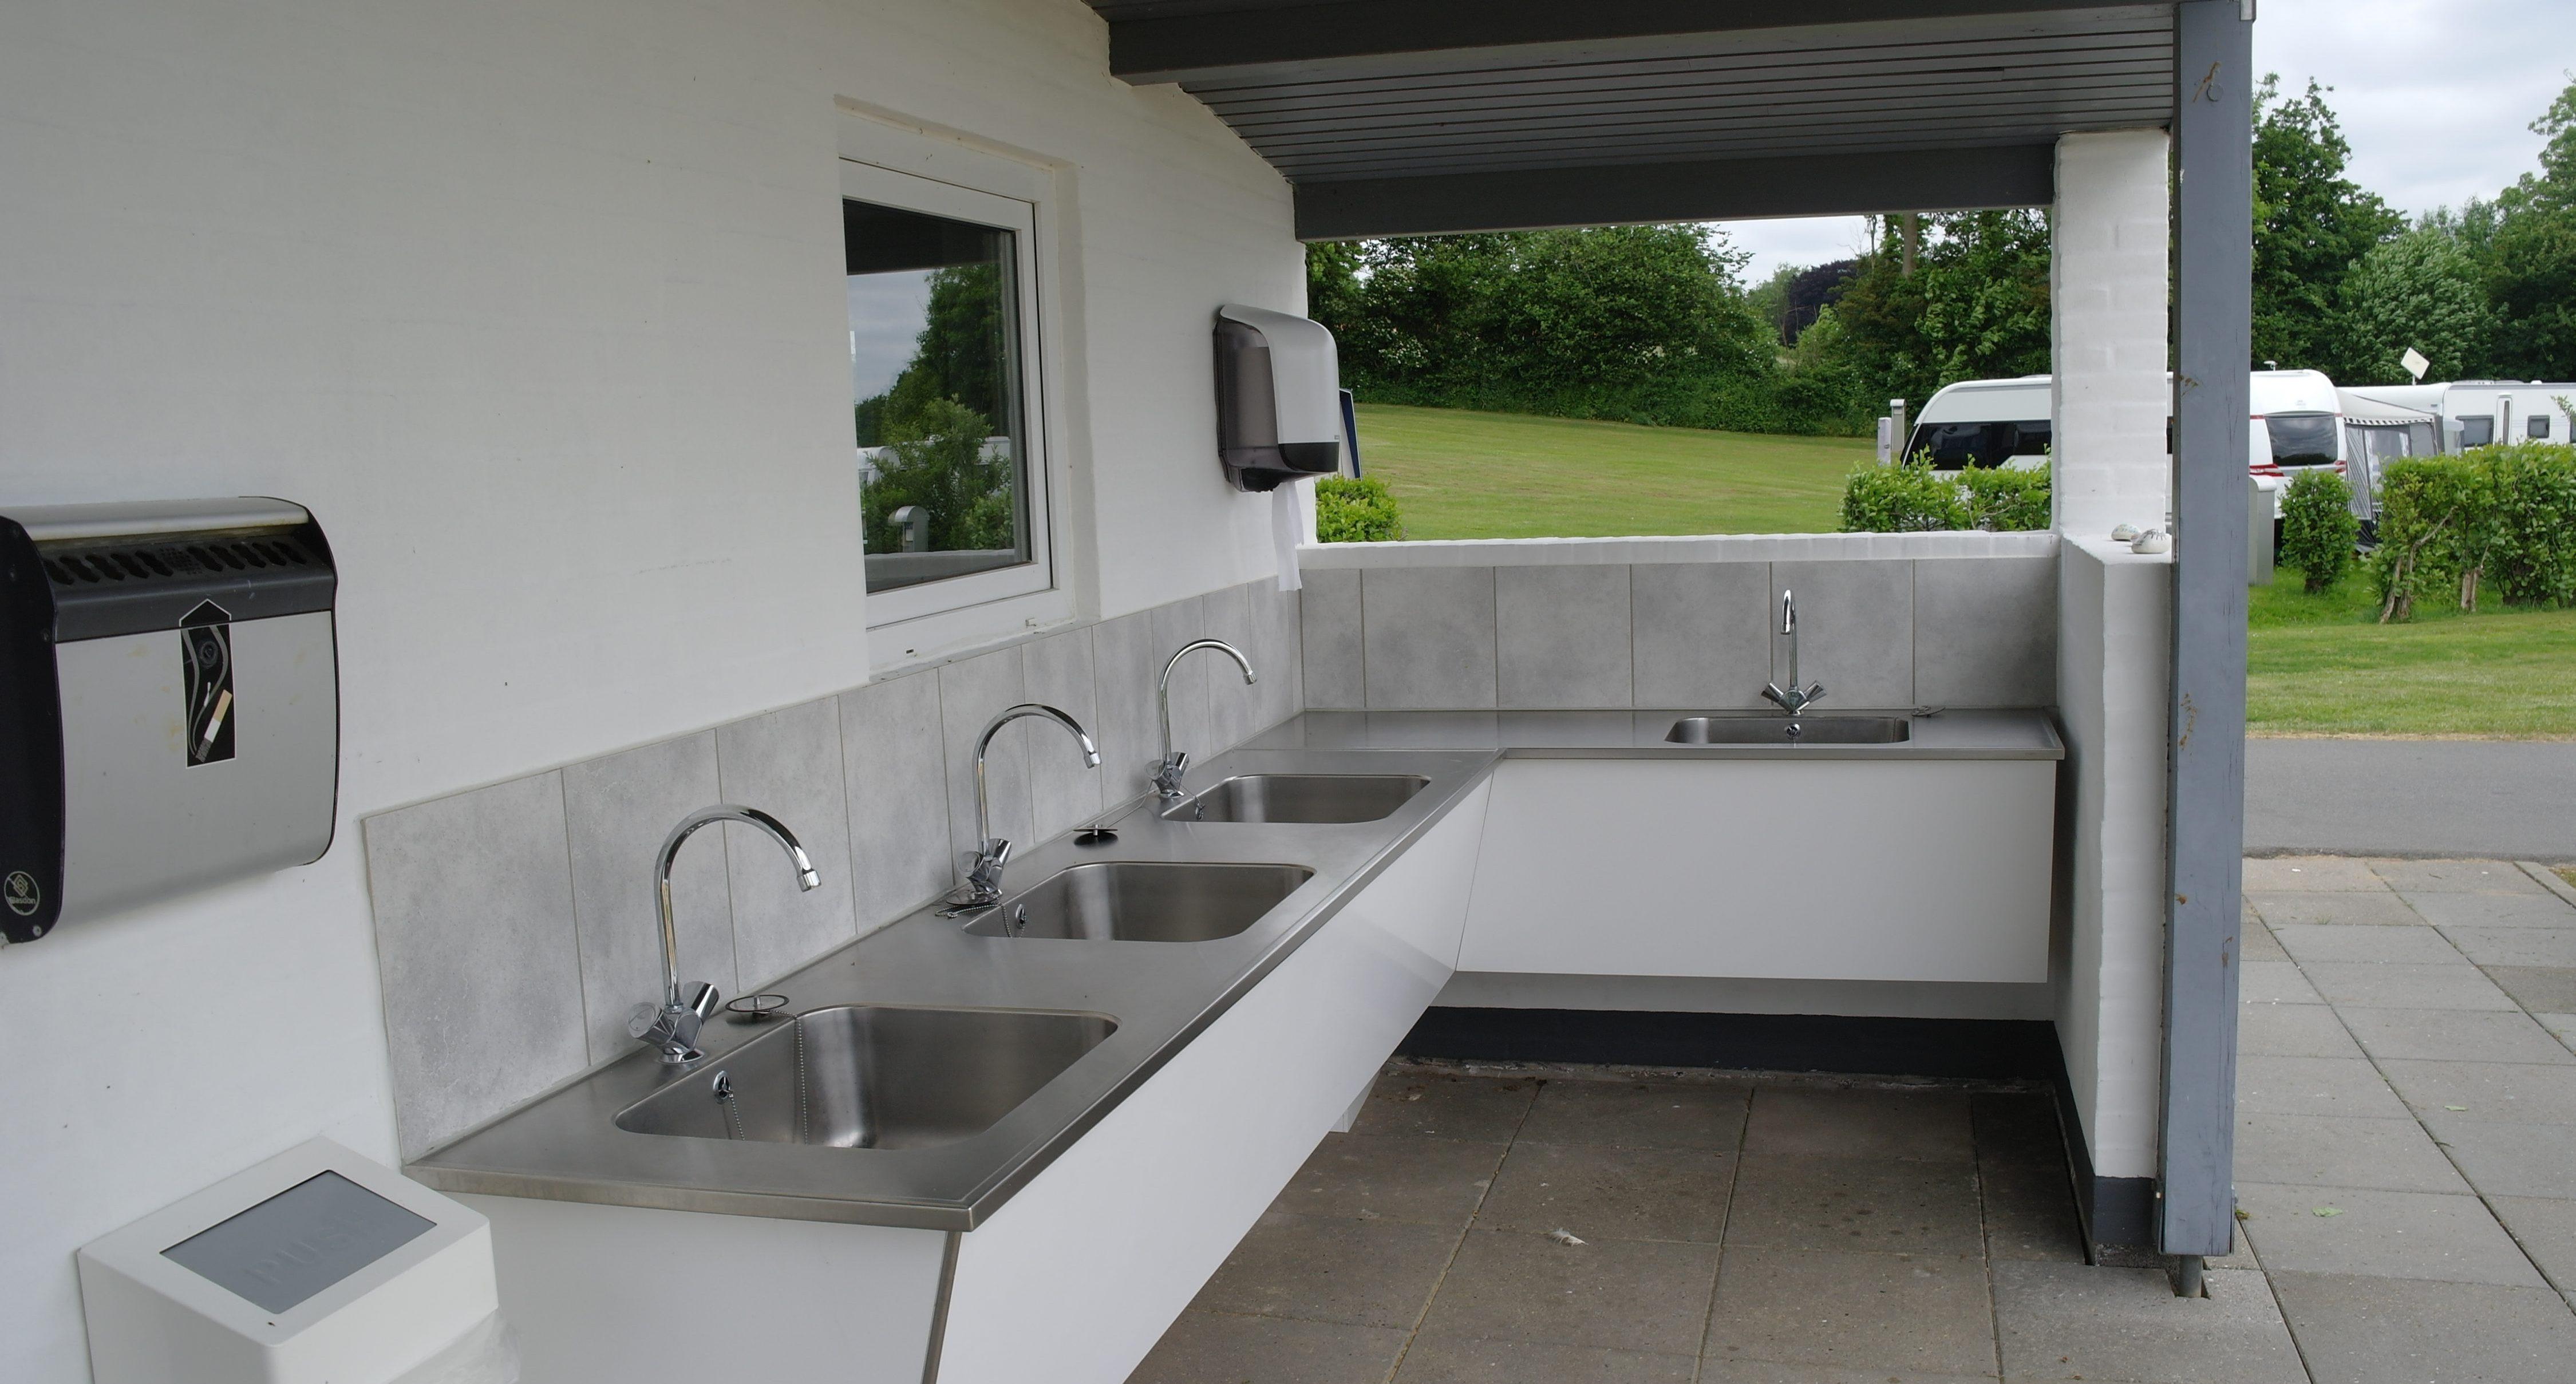 Schöne Küchen  Zwei schöne Küchen ist zur gemeinsamen Benutzung